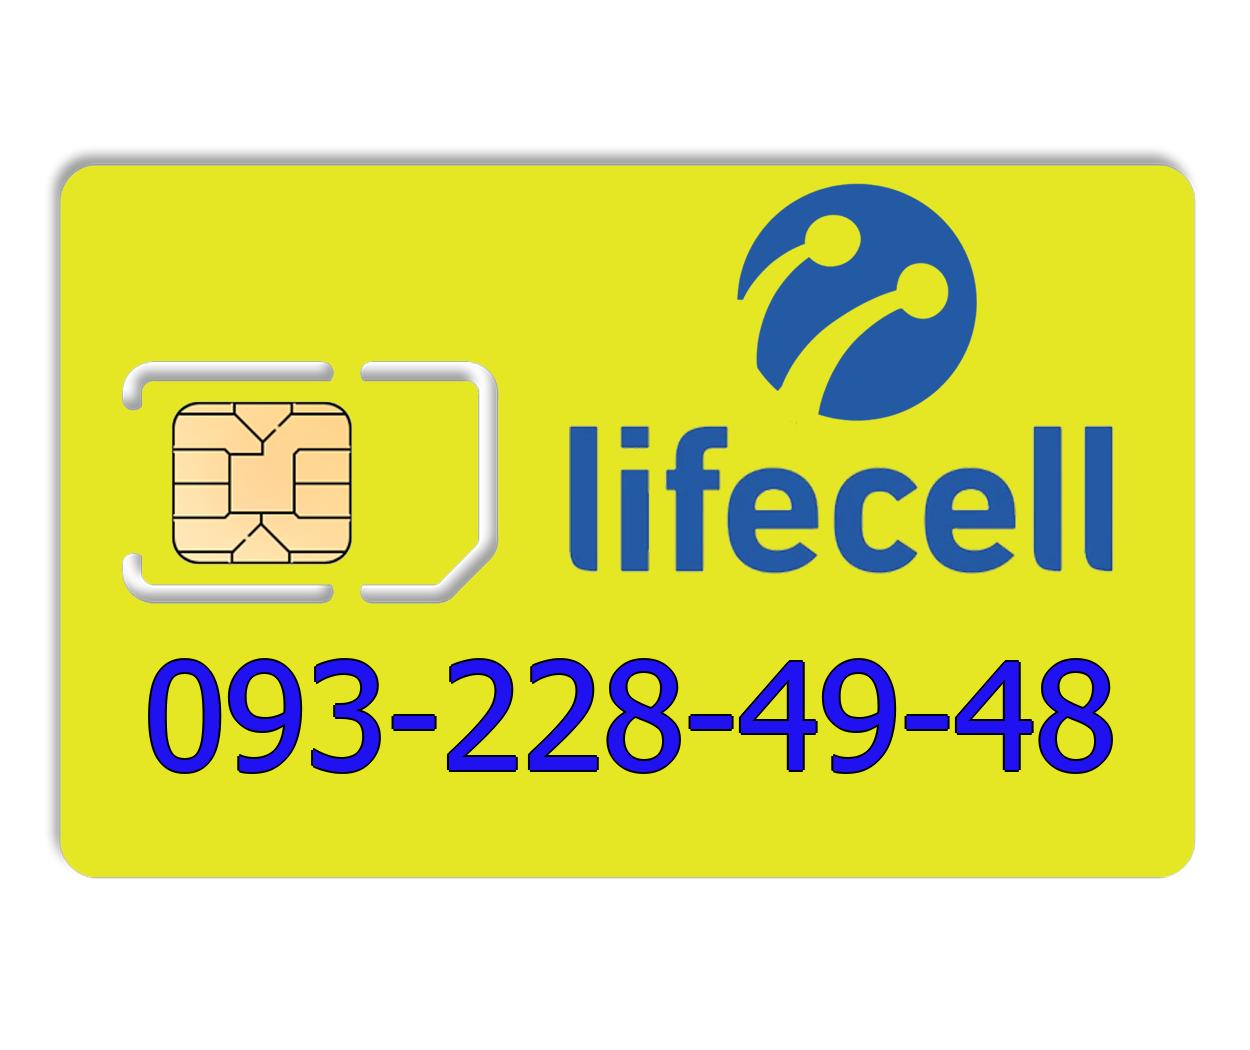 Красивый номер lifecell 093-228-49-48